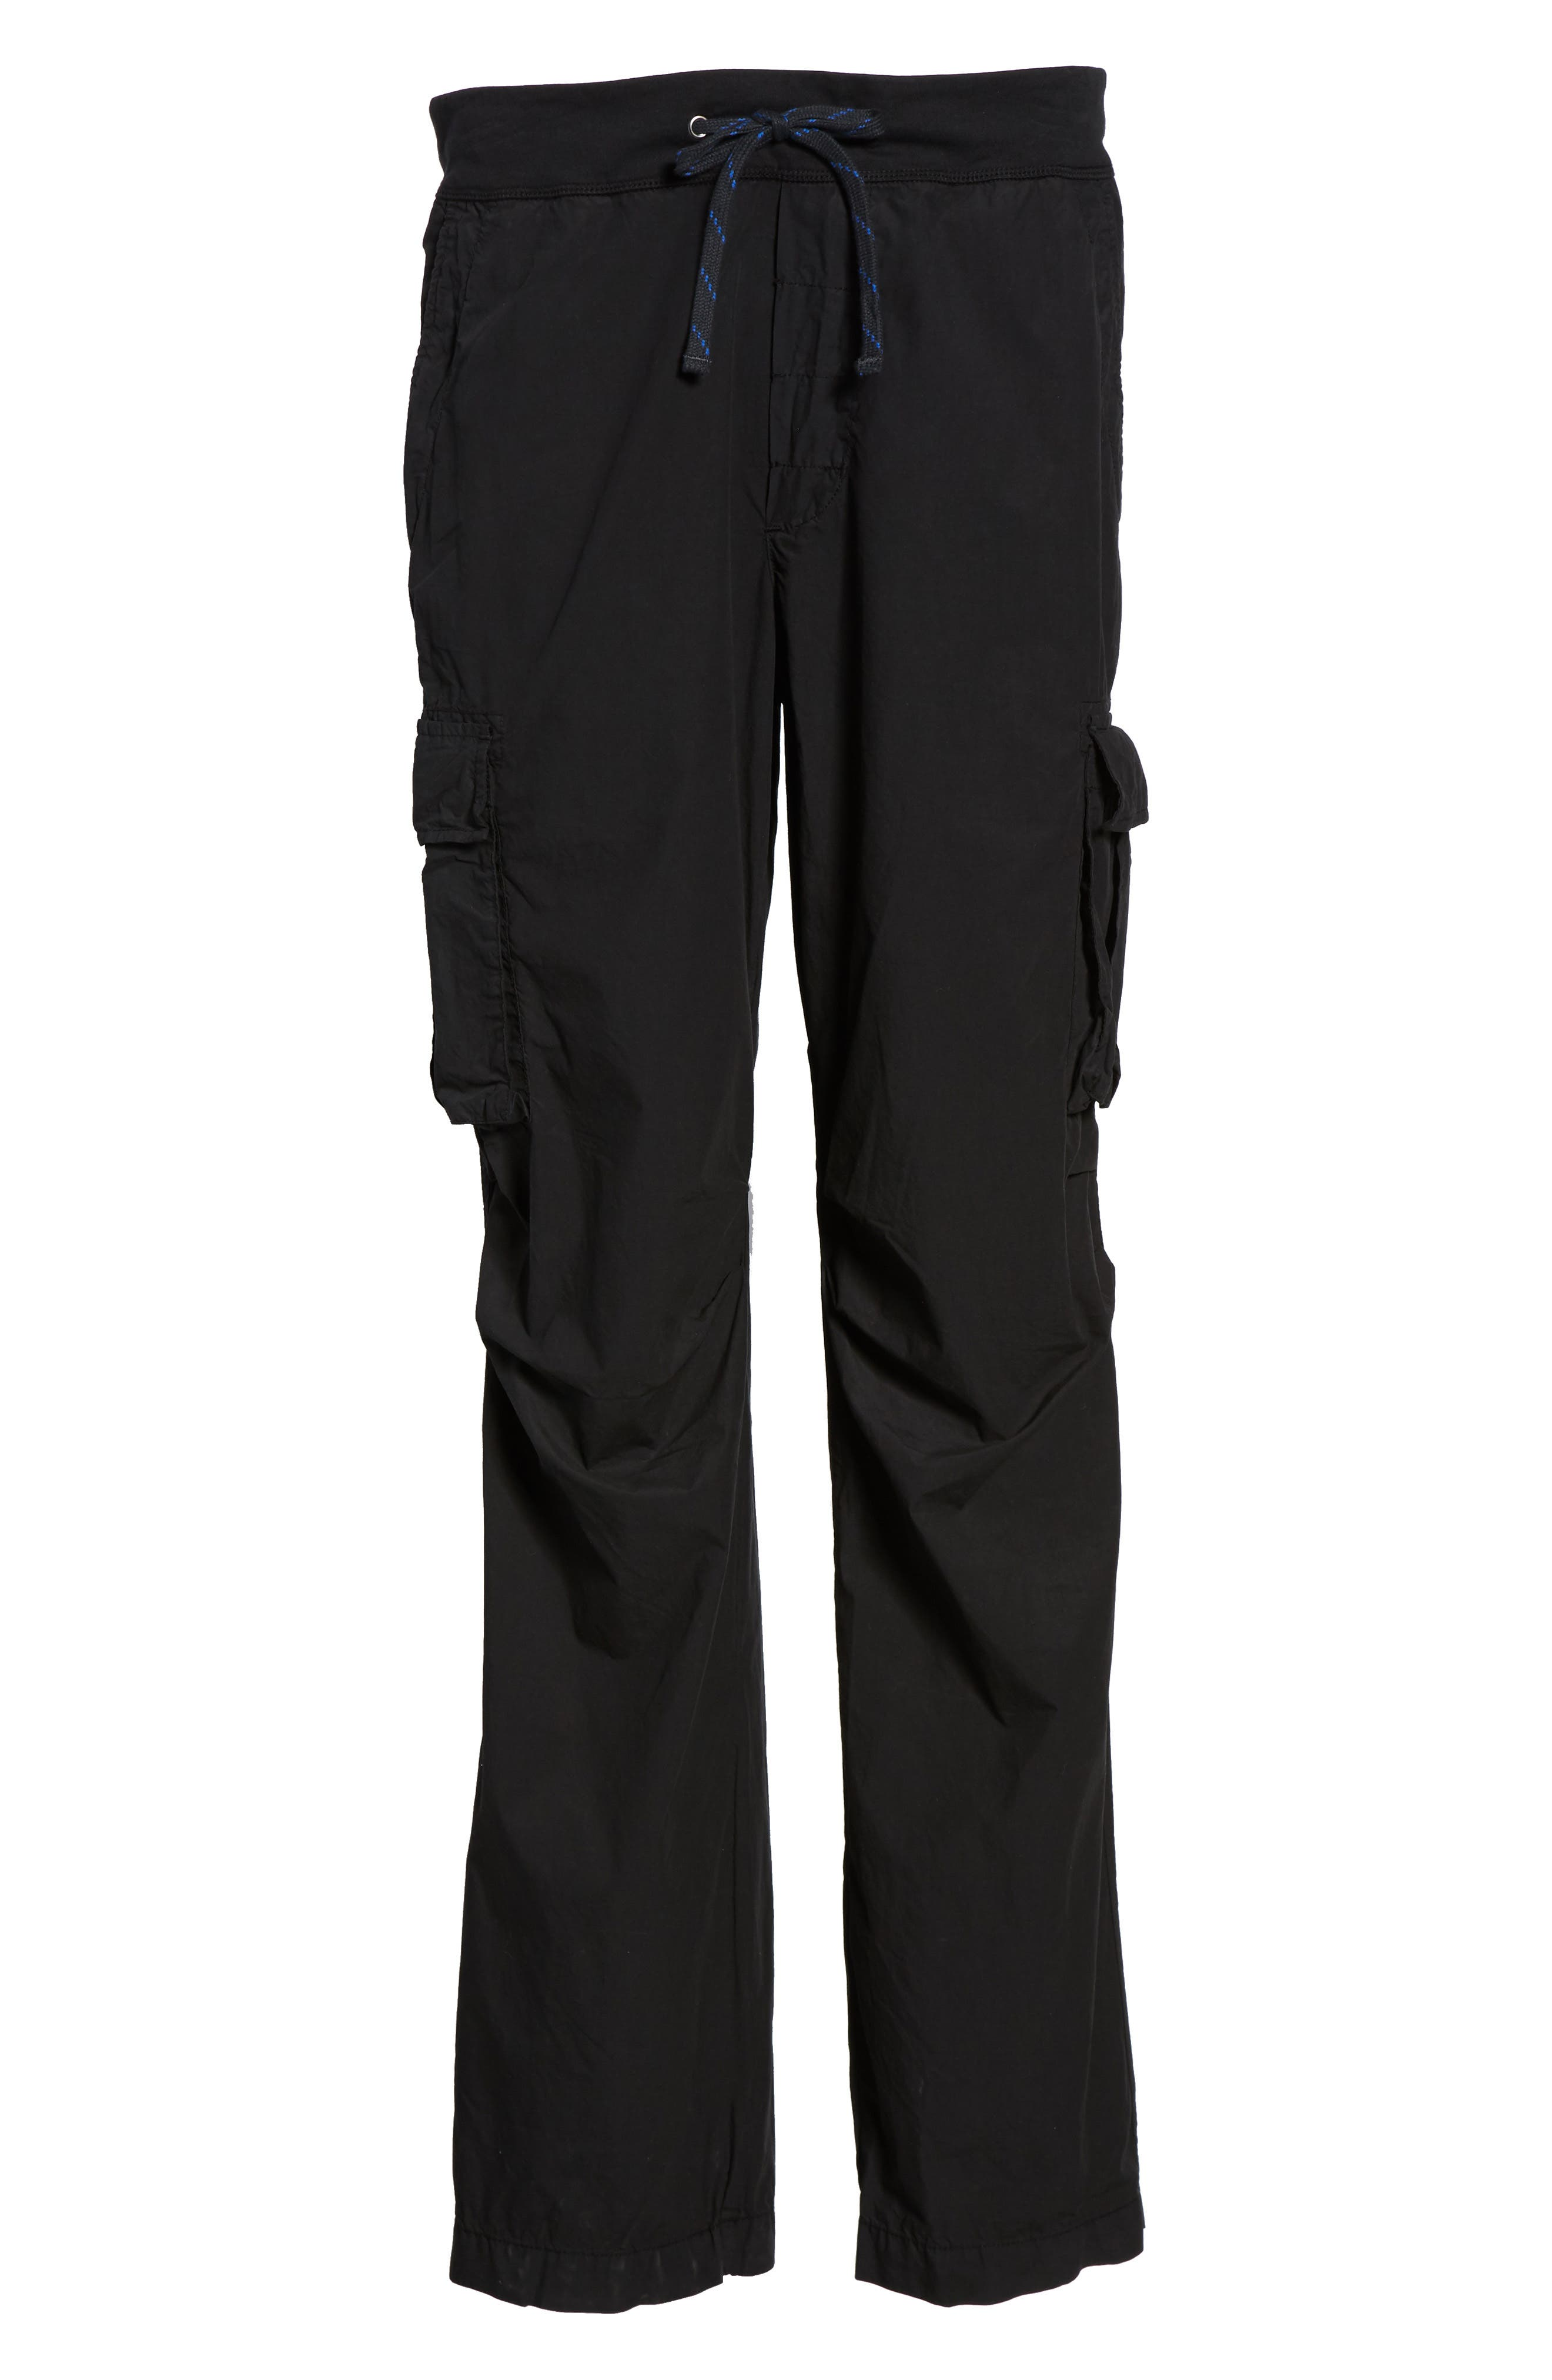 Contrast Waist Cargo Pants,                             Alternate thumbnail 6, color,                             001